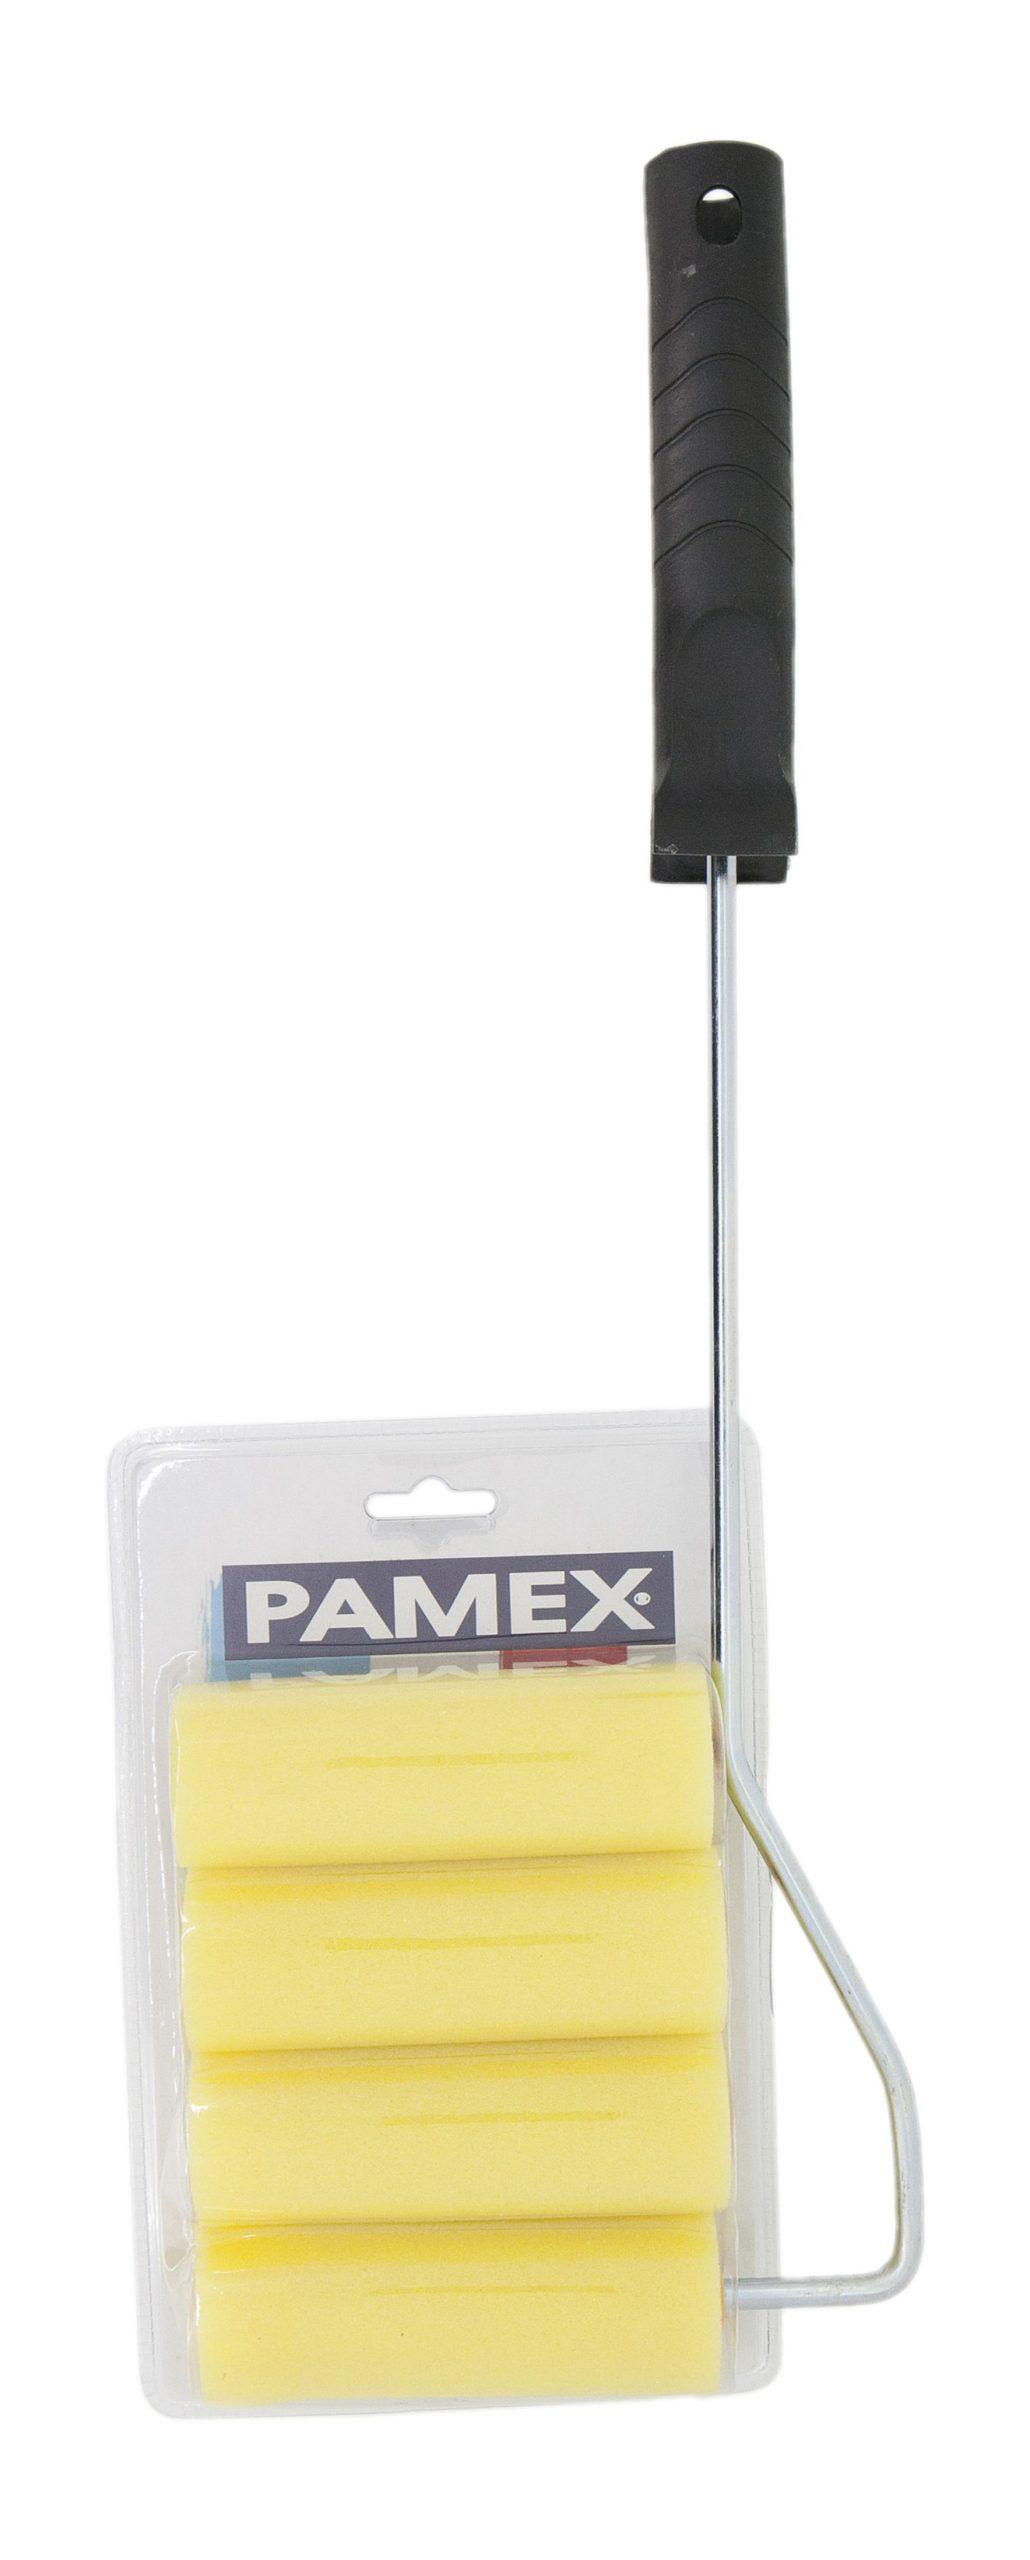 SET DE PINTURA PAMEX DYP-767